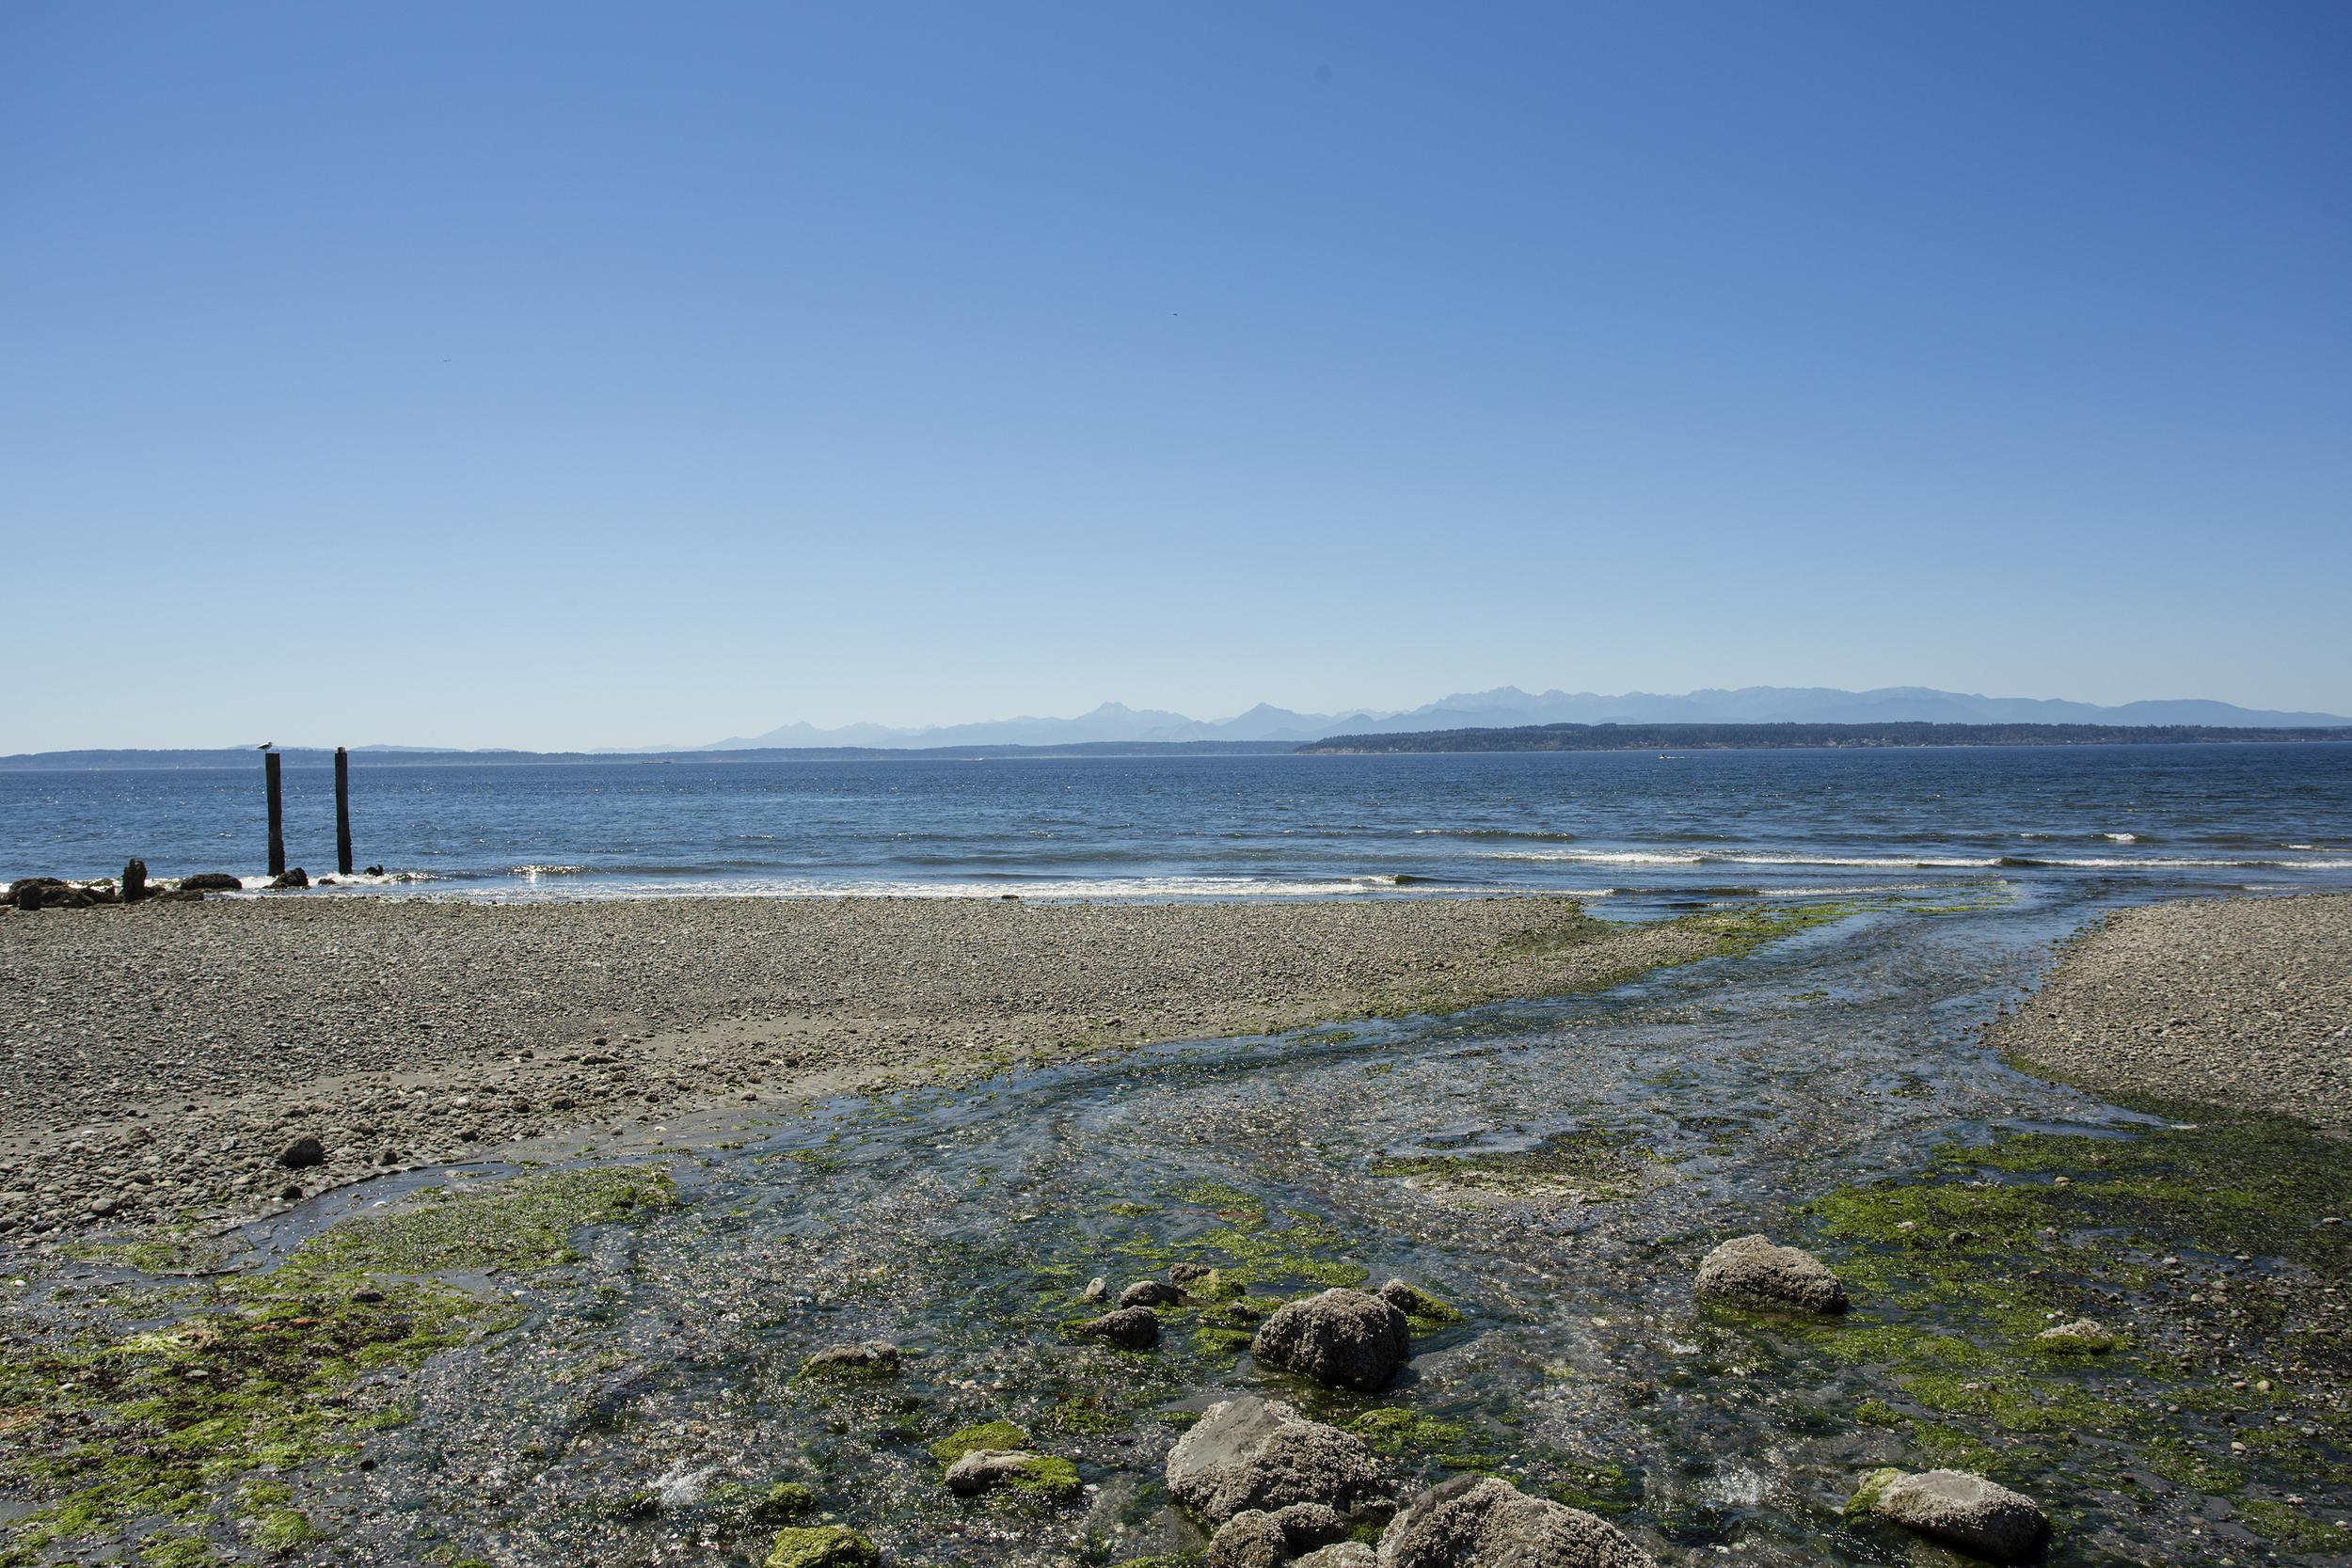 beach-1-Lrg.jpg